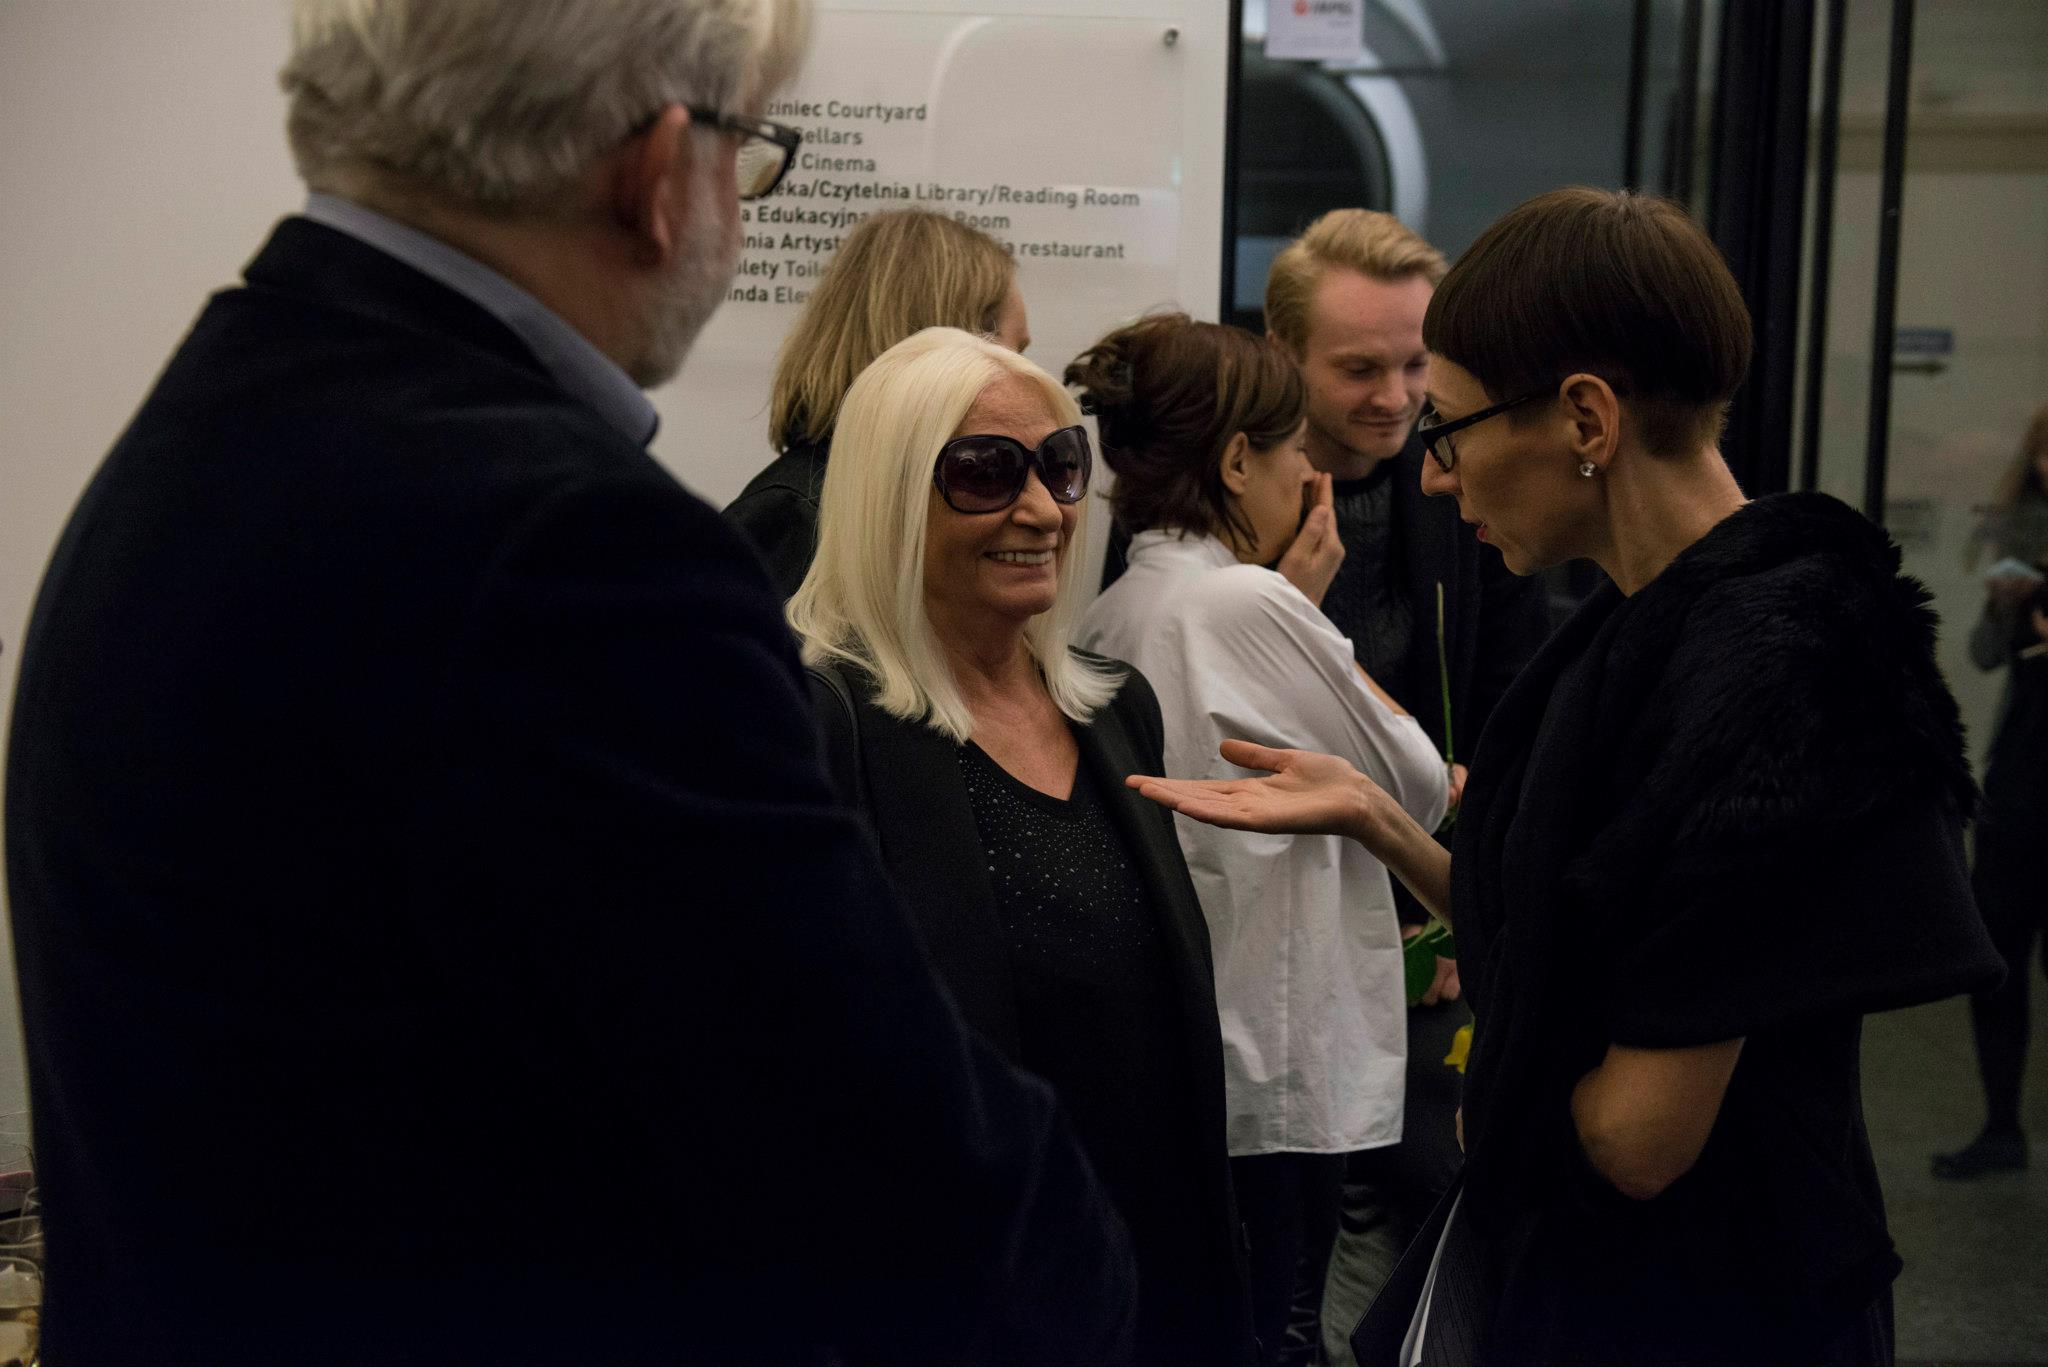 Wernisaż wystawy Natalii LL Secretum et Tremor, nazdjęciu: Natalia LL, Małgorzata Ludwisiak, Ewa Gorządek, Romuald Demidenko